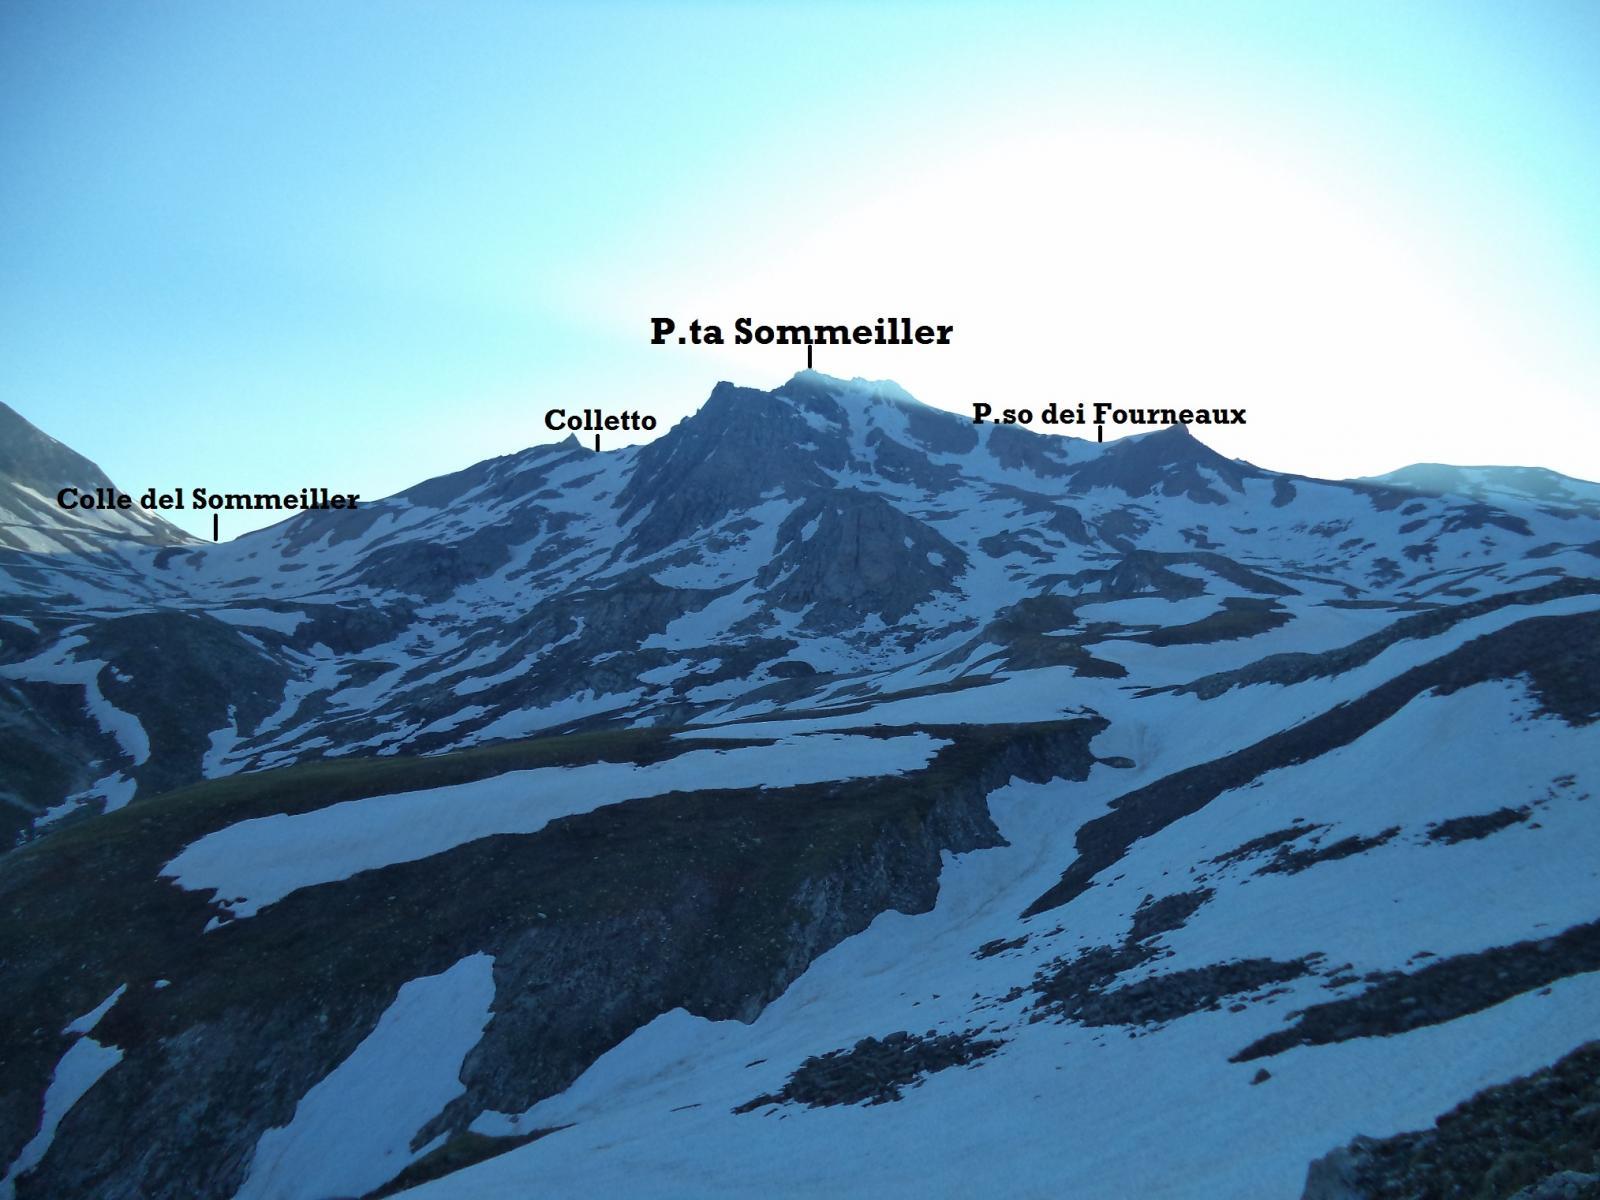 dal pianoro a 2800m tra il colle del sommeiller e la punta il colletto che dà accesso al ghiacciaio